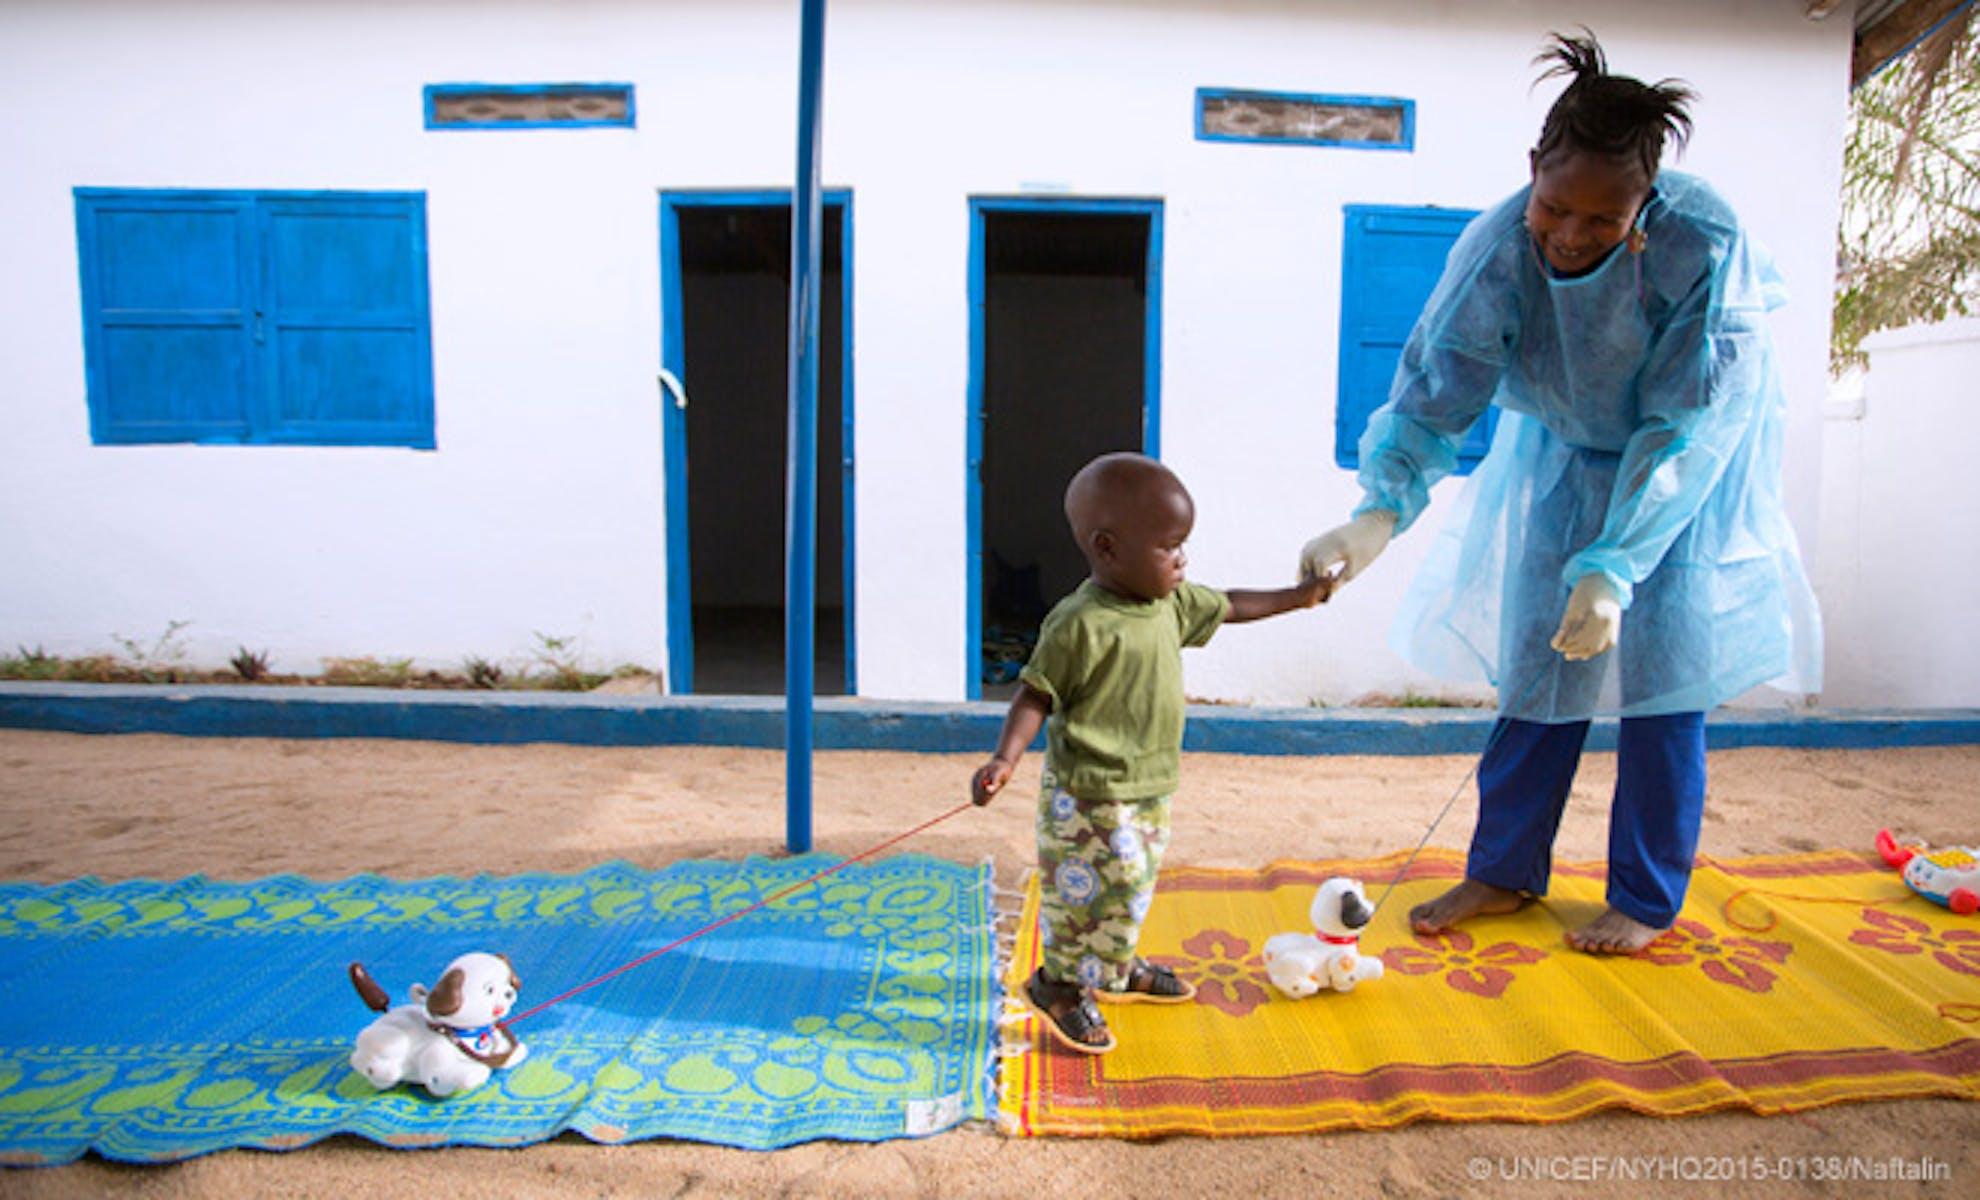 Bambino e infermiera in un centro di isolamento per sospetti casi di Ebola in Guinea. Il centro è sostenuto economicamente e tecnicamente dall'UNICEF - ©UNICEF/2015